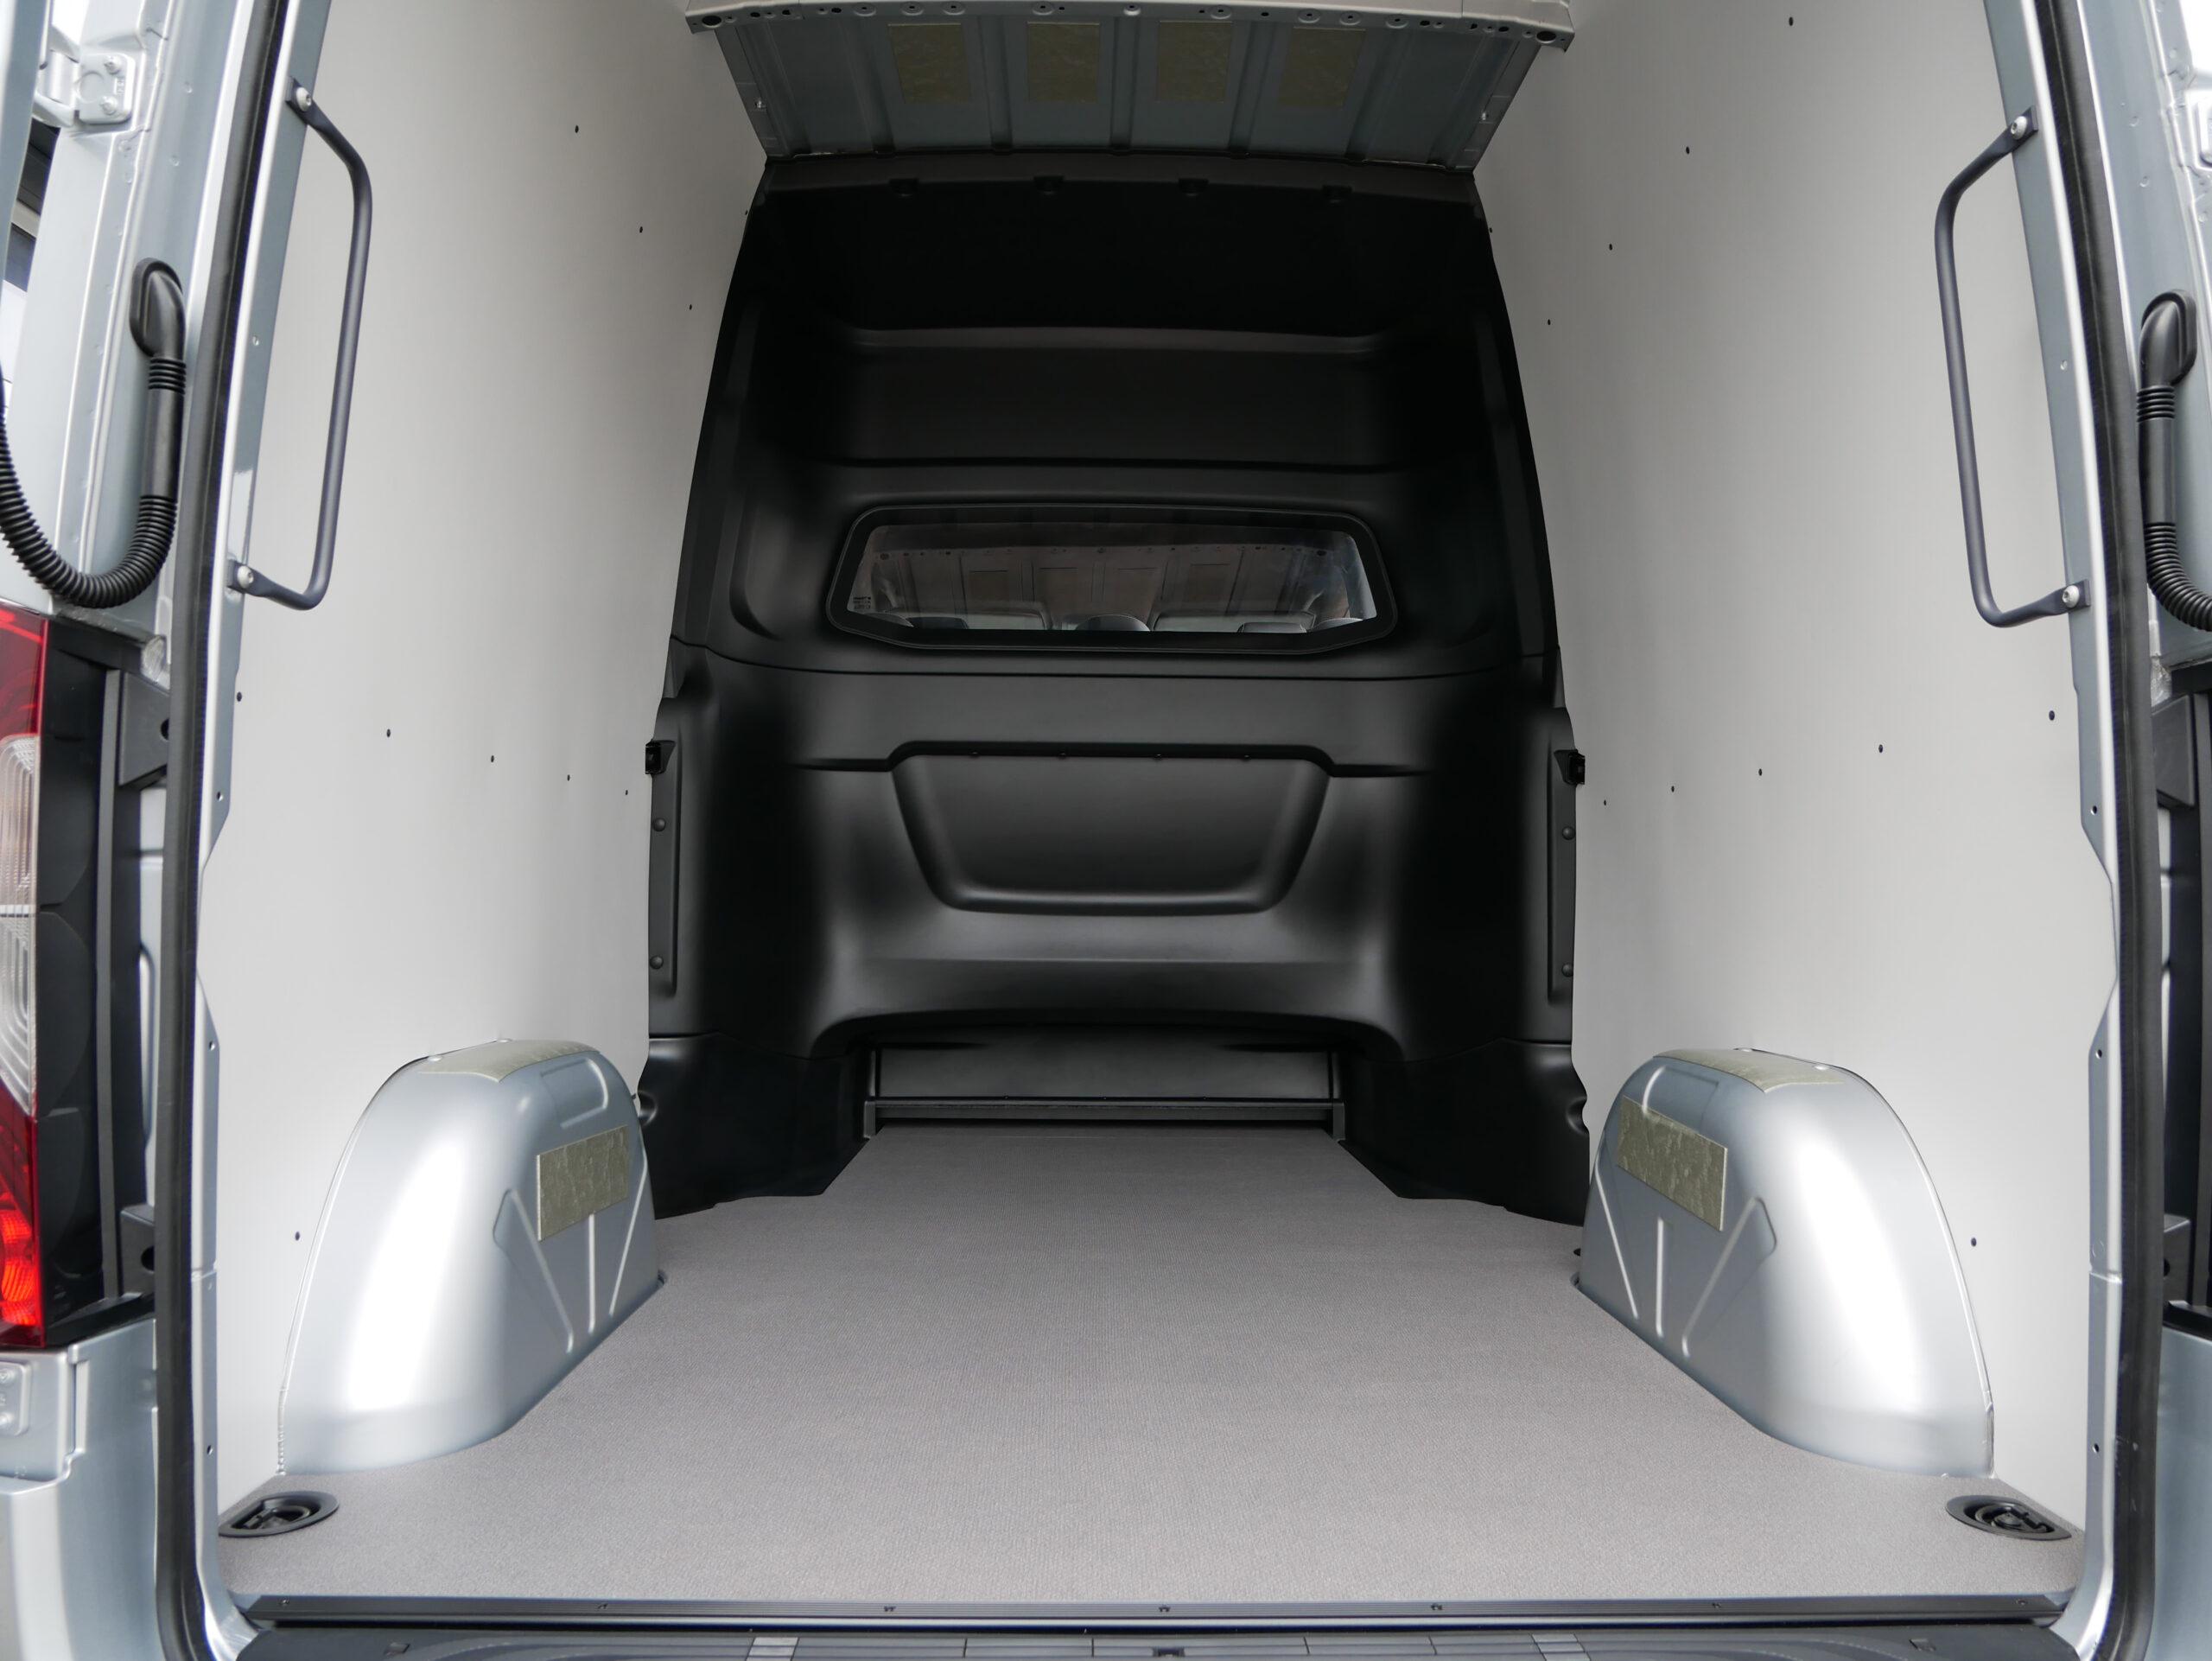 Mercedes-Benz load area